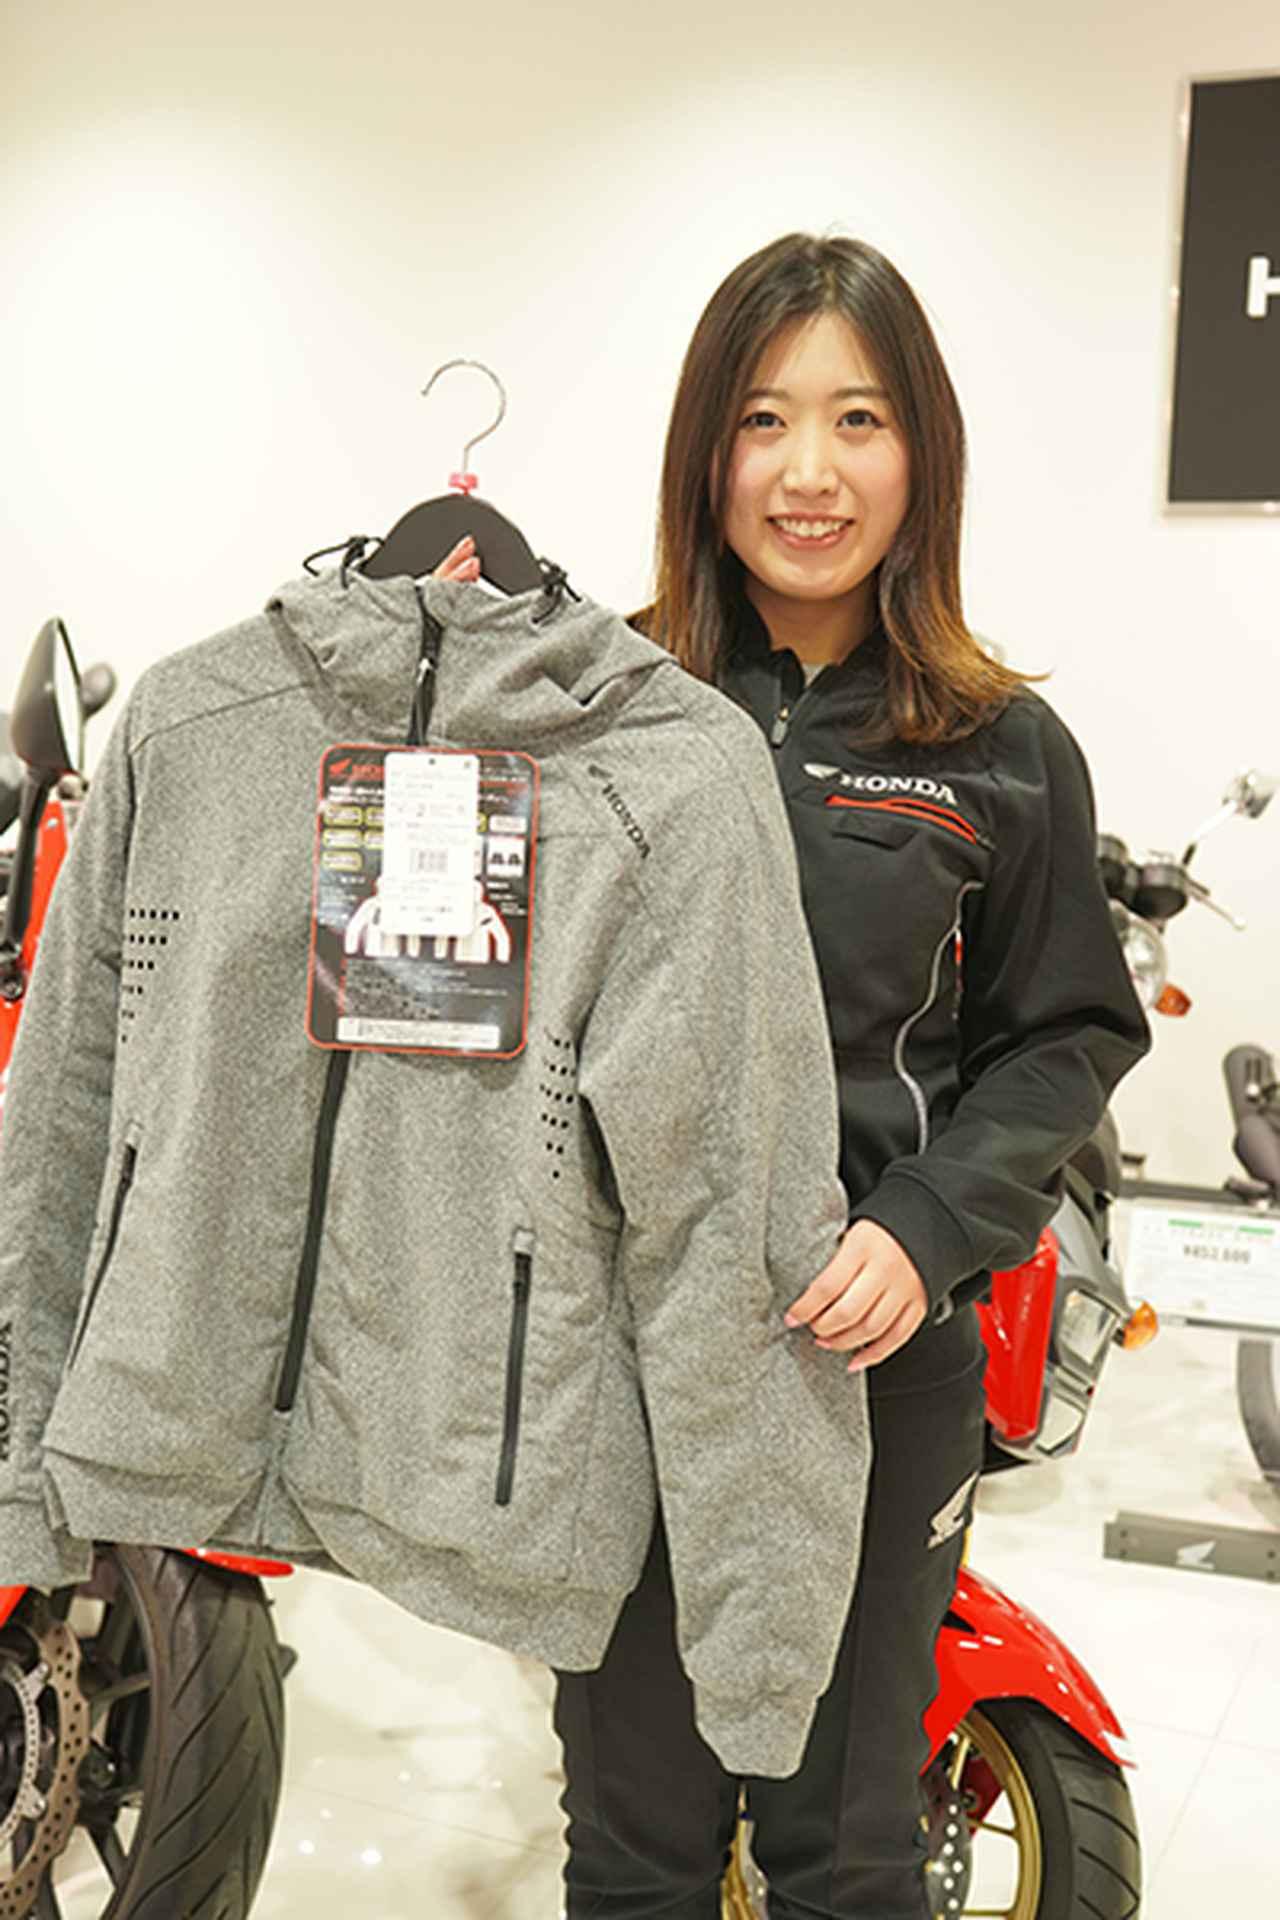 画像: ホンダドリーム八王子の営業・小山知子さん。特に力を入れているのは洋用品の提案だという